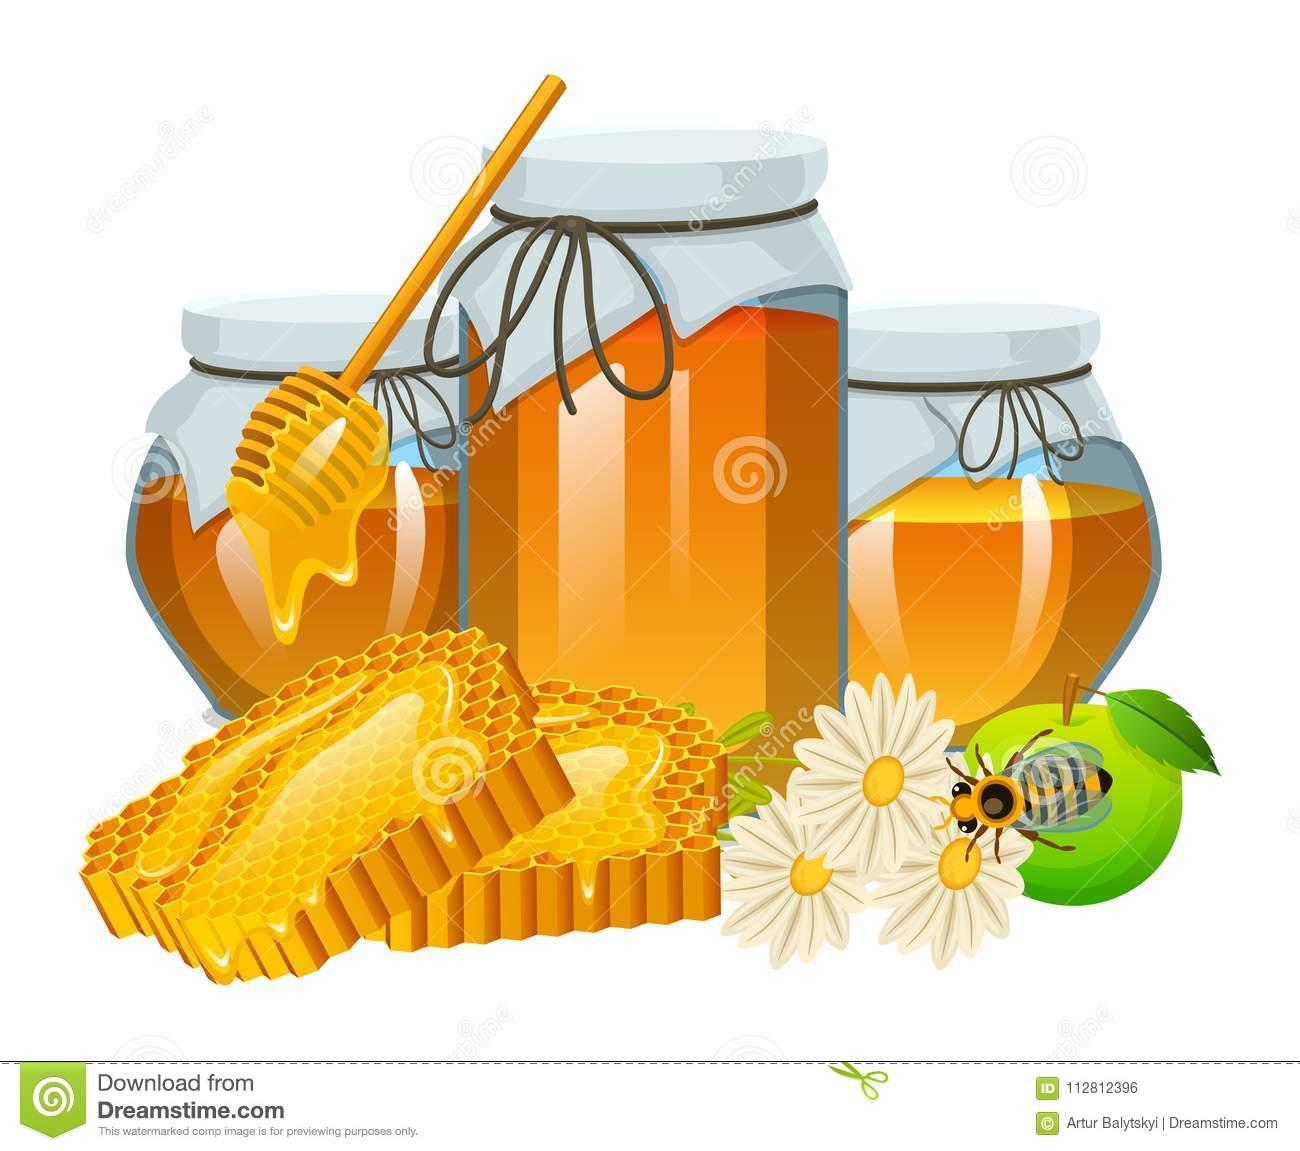 honigsatz biene und bienenstock löffel bienenwabe bienenhaus natürliches landwirtschaftliches produkt imkerei oder garten blume